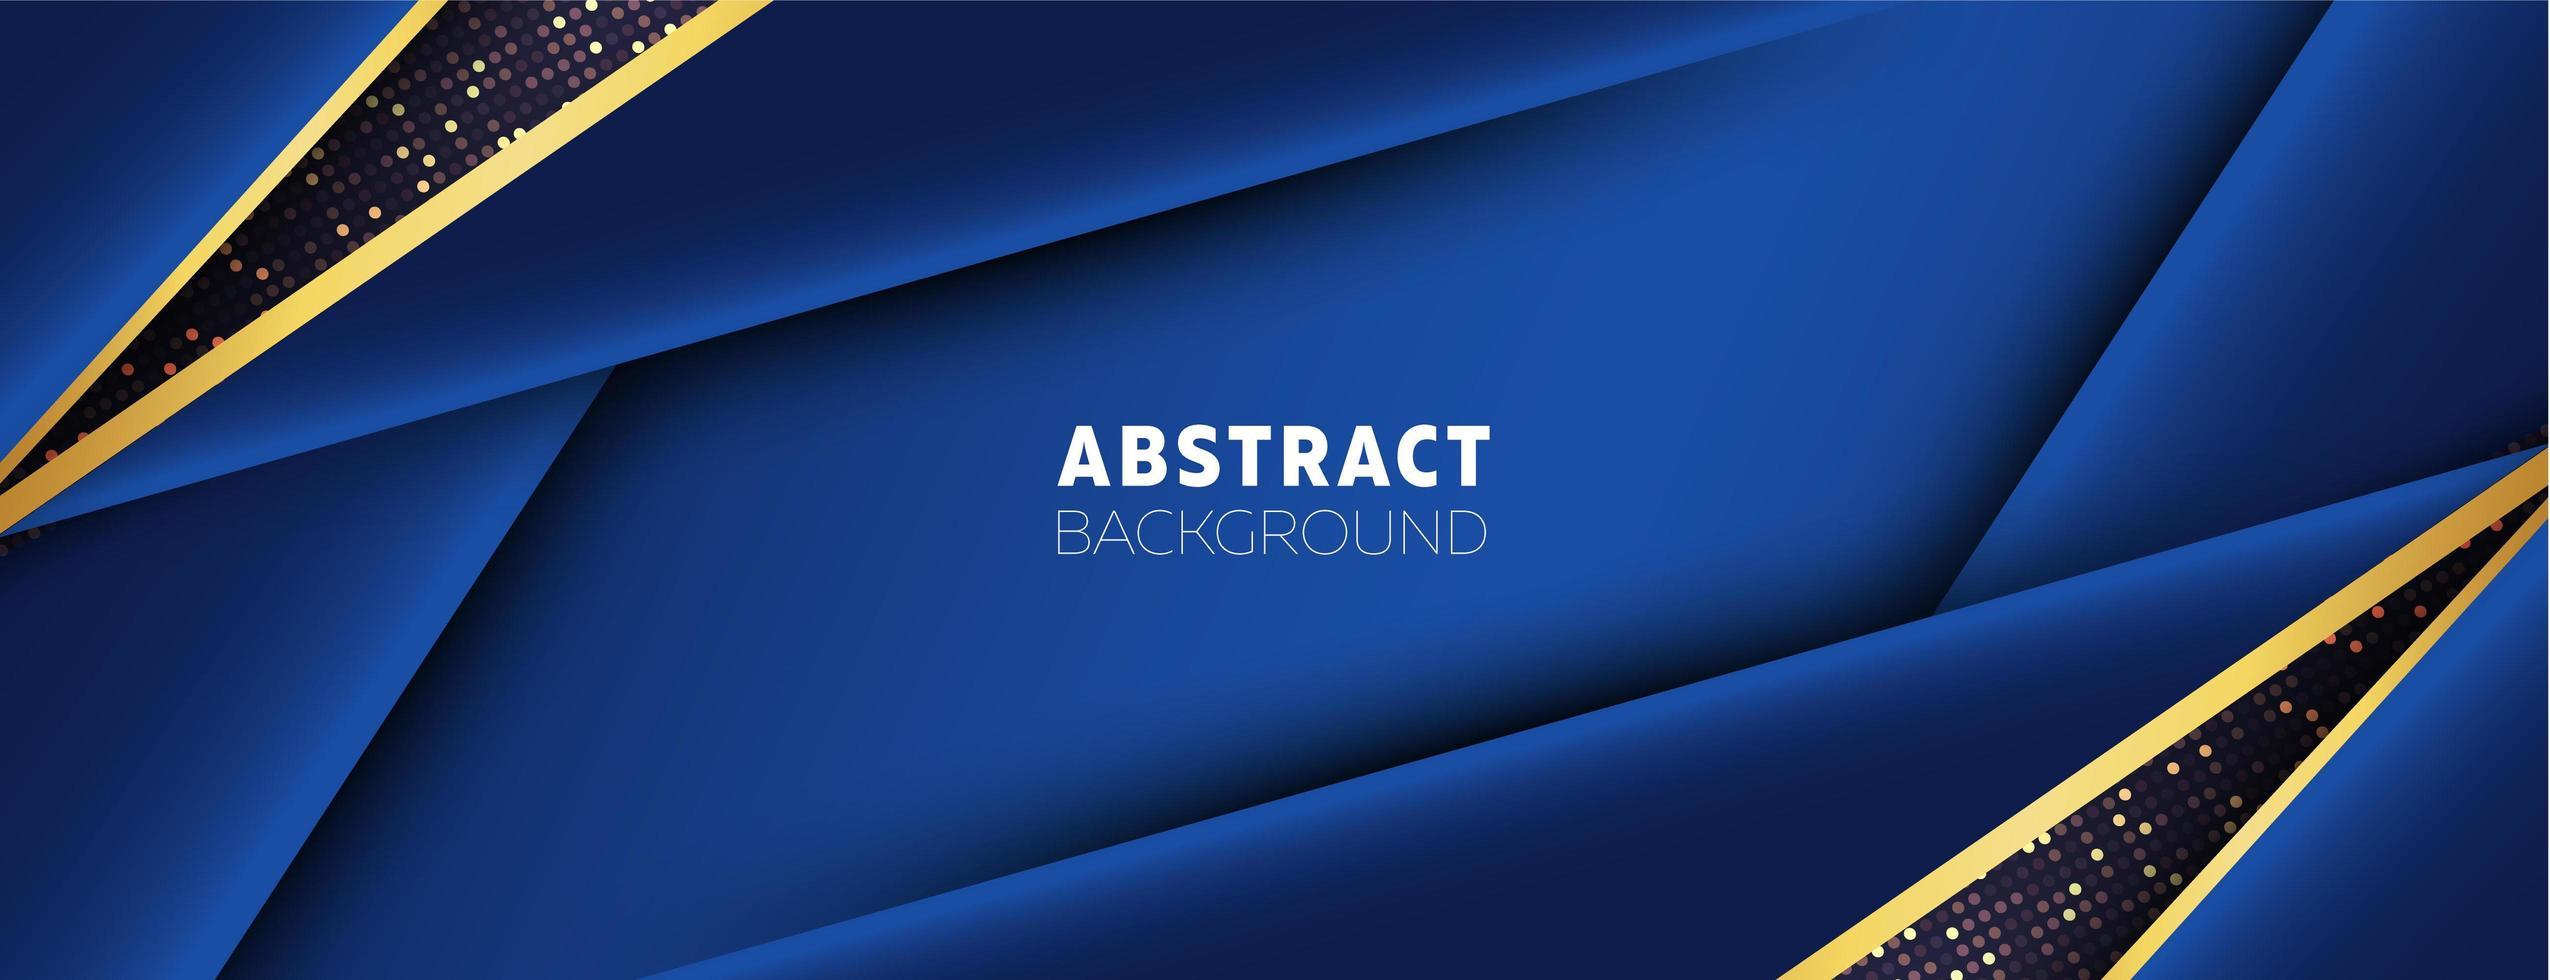 metalliska blå överlappande former och guldfärgningar vektor